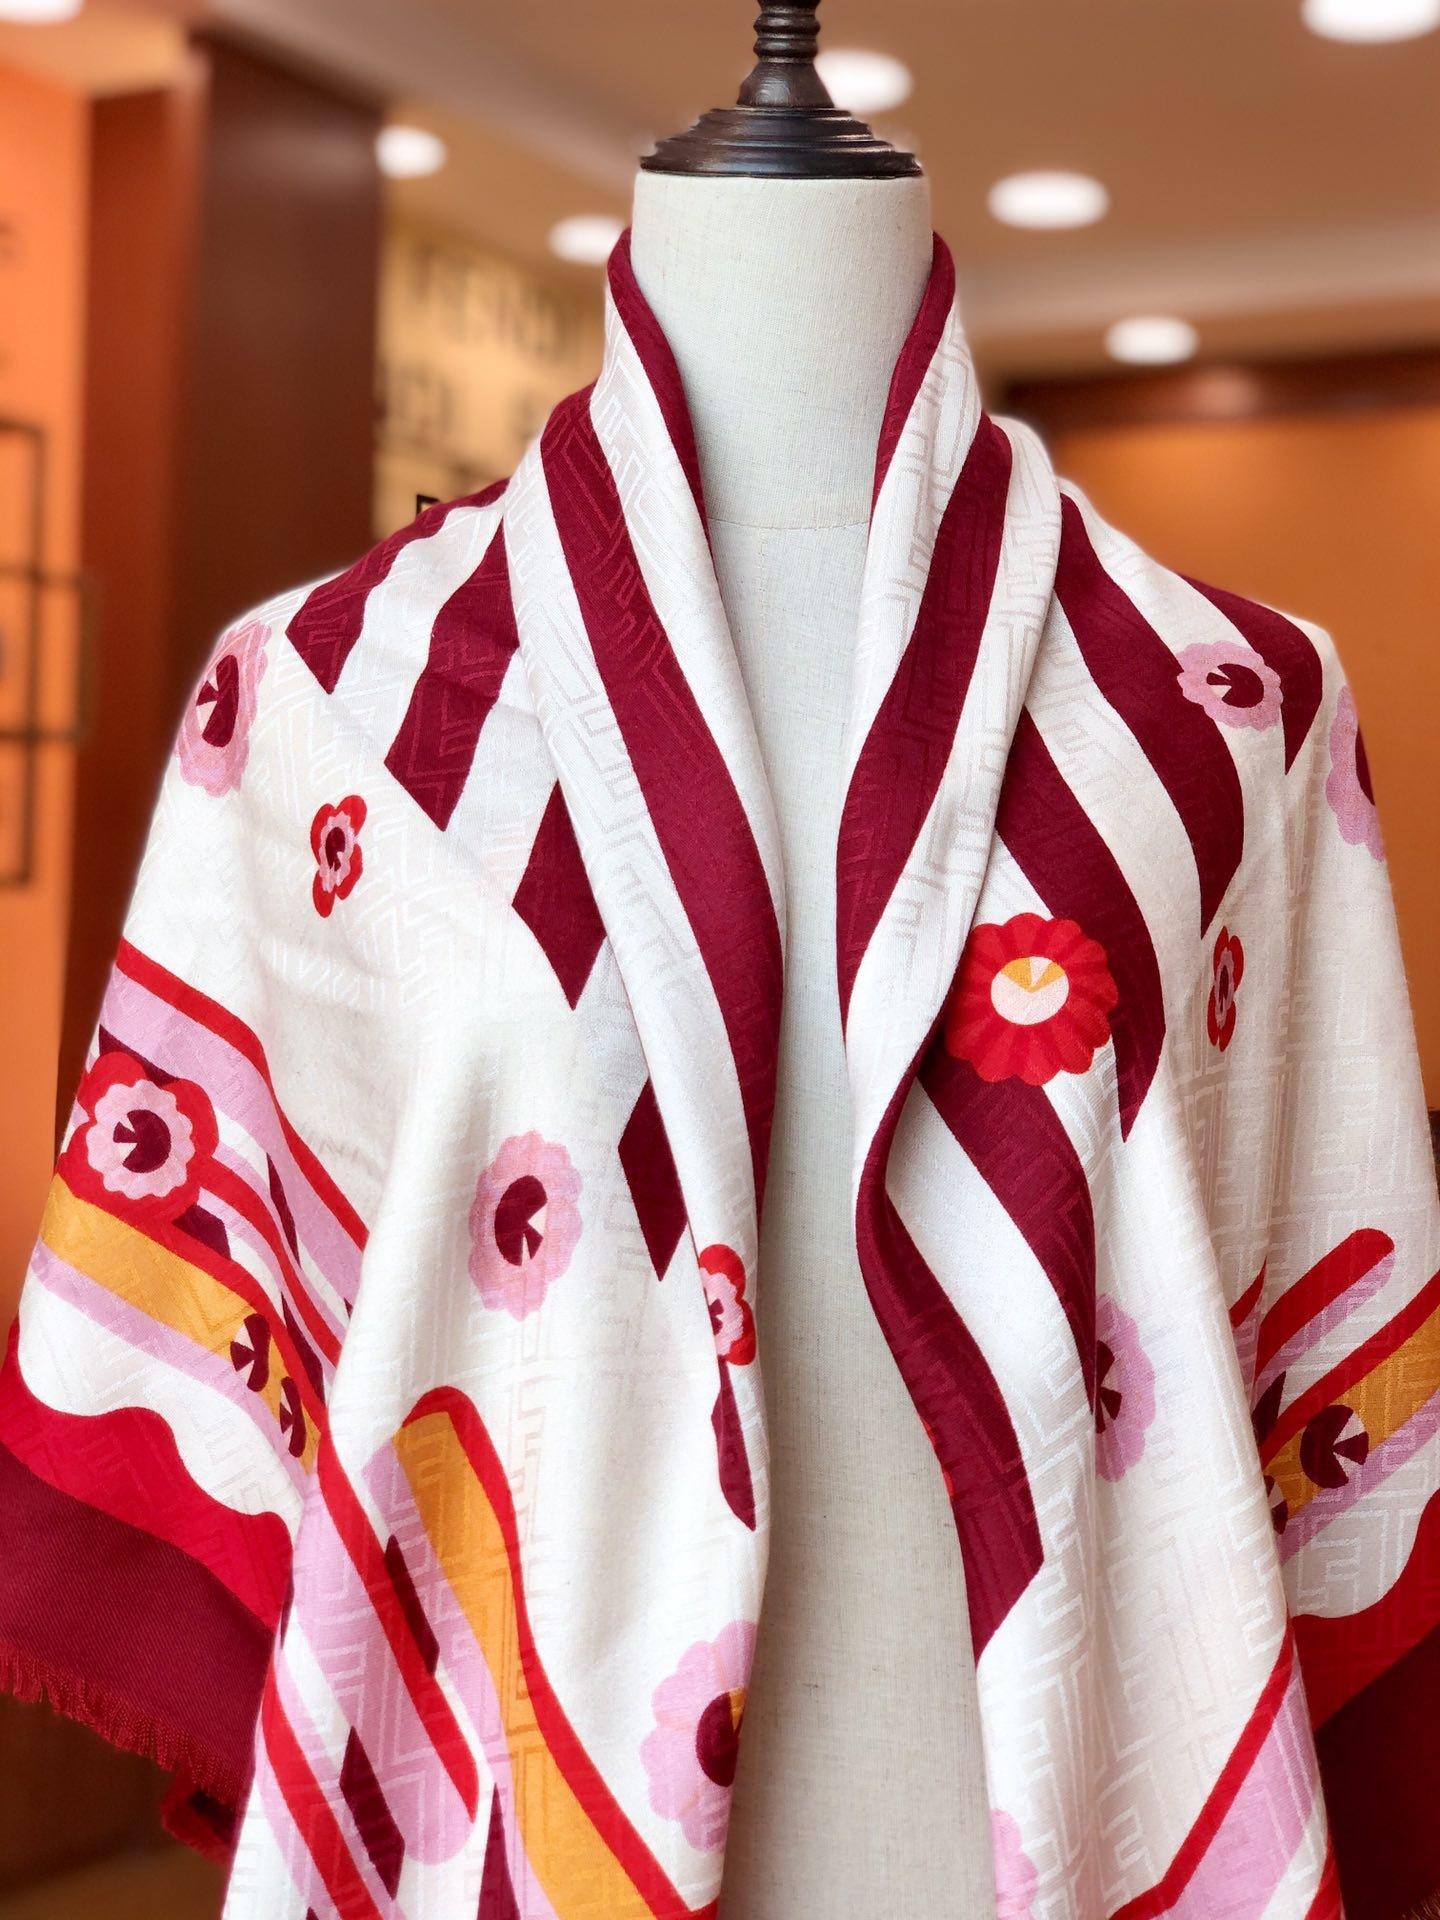 Fendi芬迪新款羊绒围巾(图10)